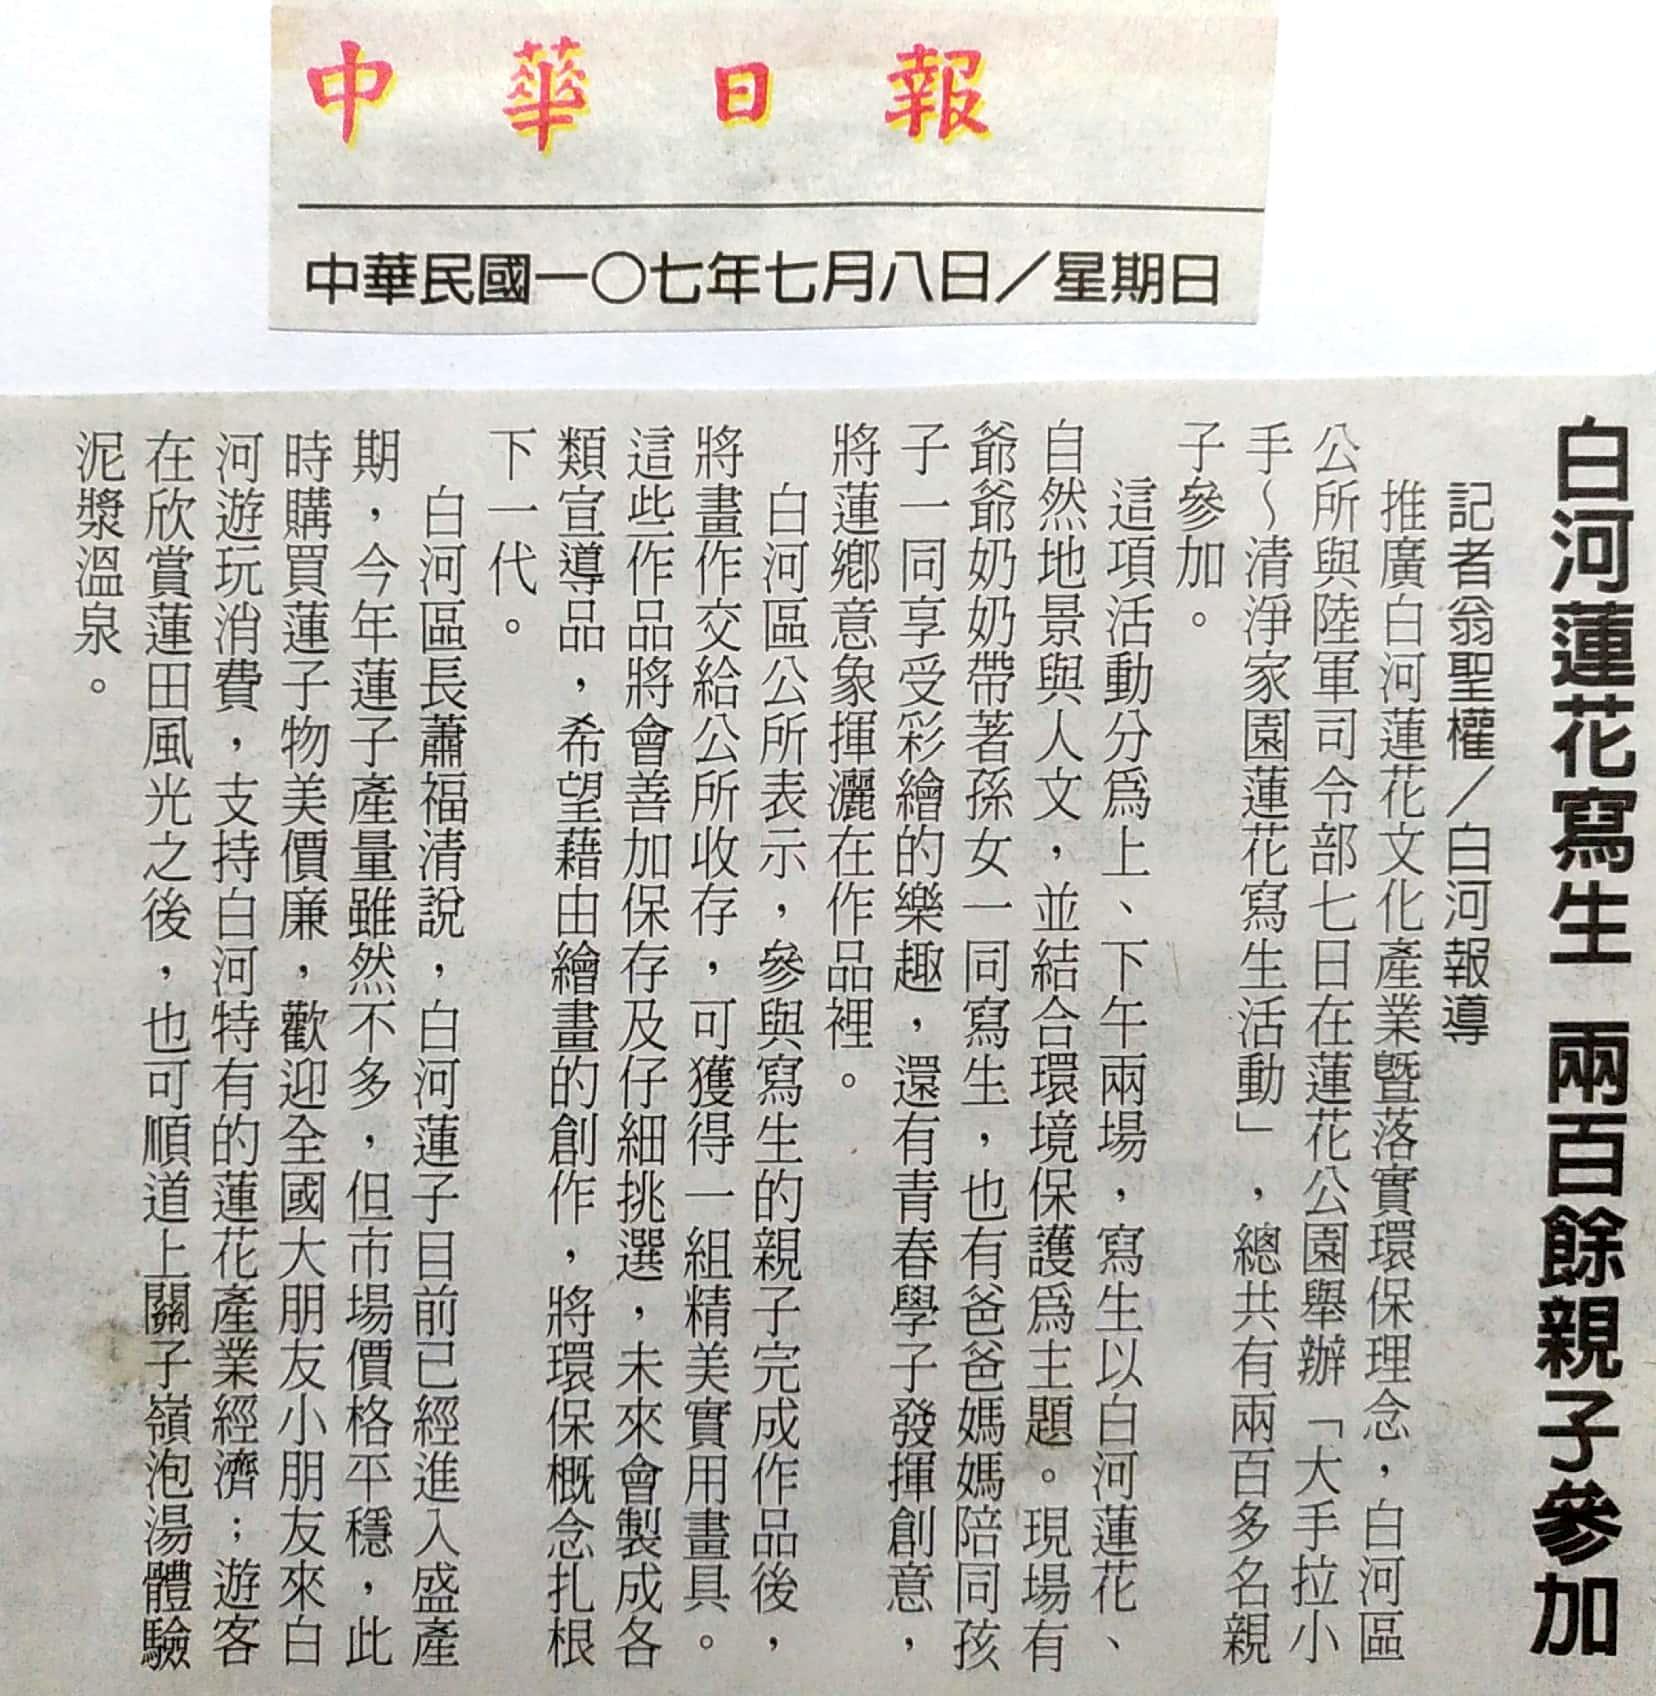 中華日報健走活動報導